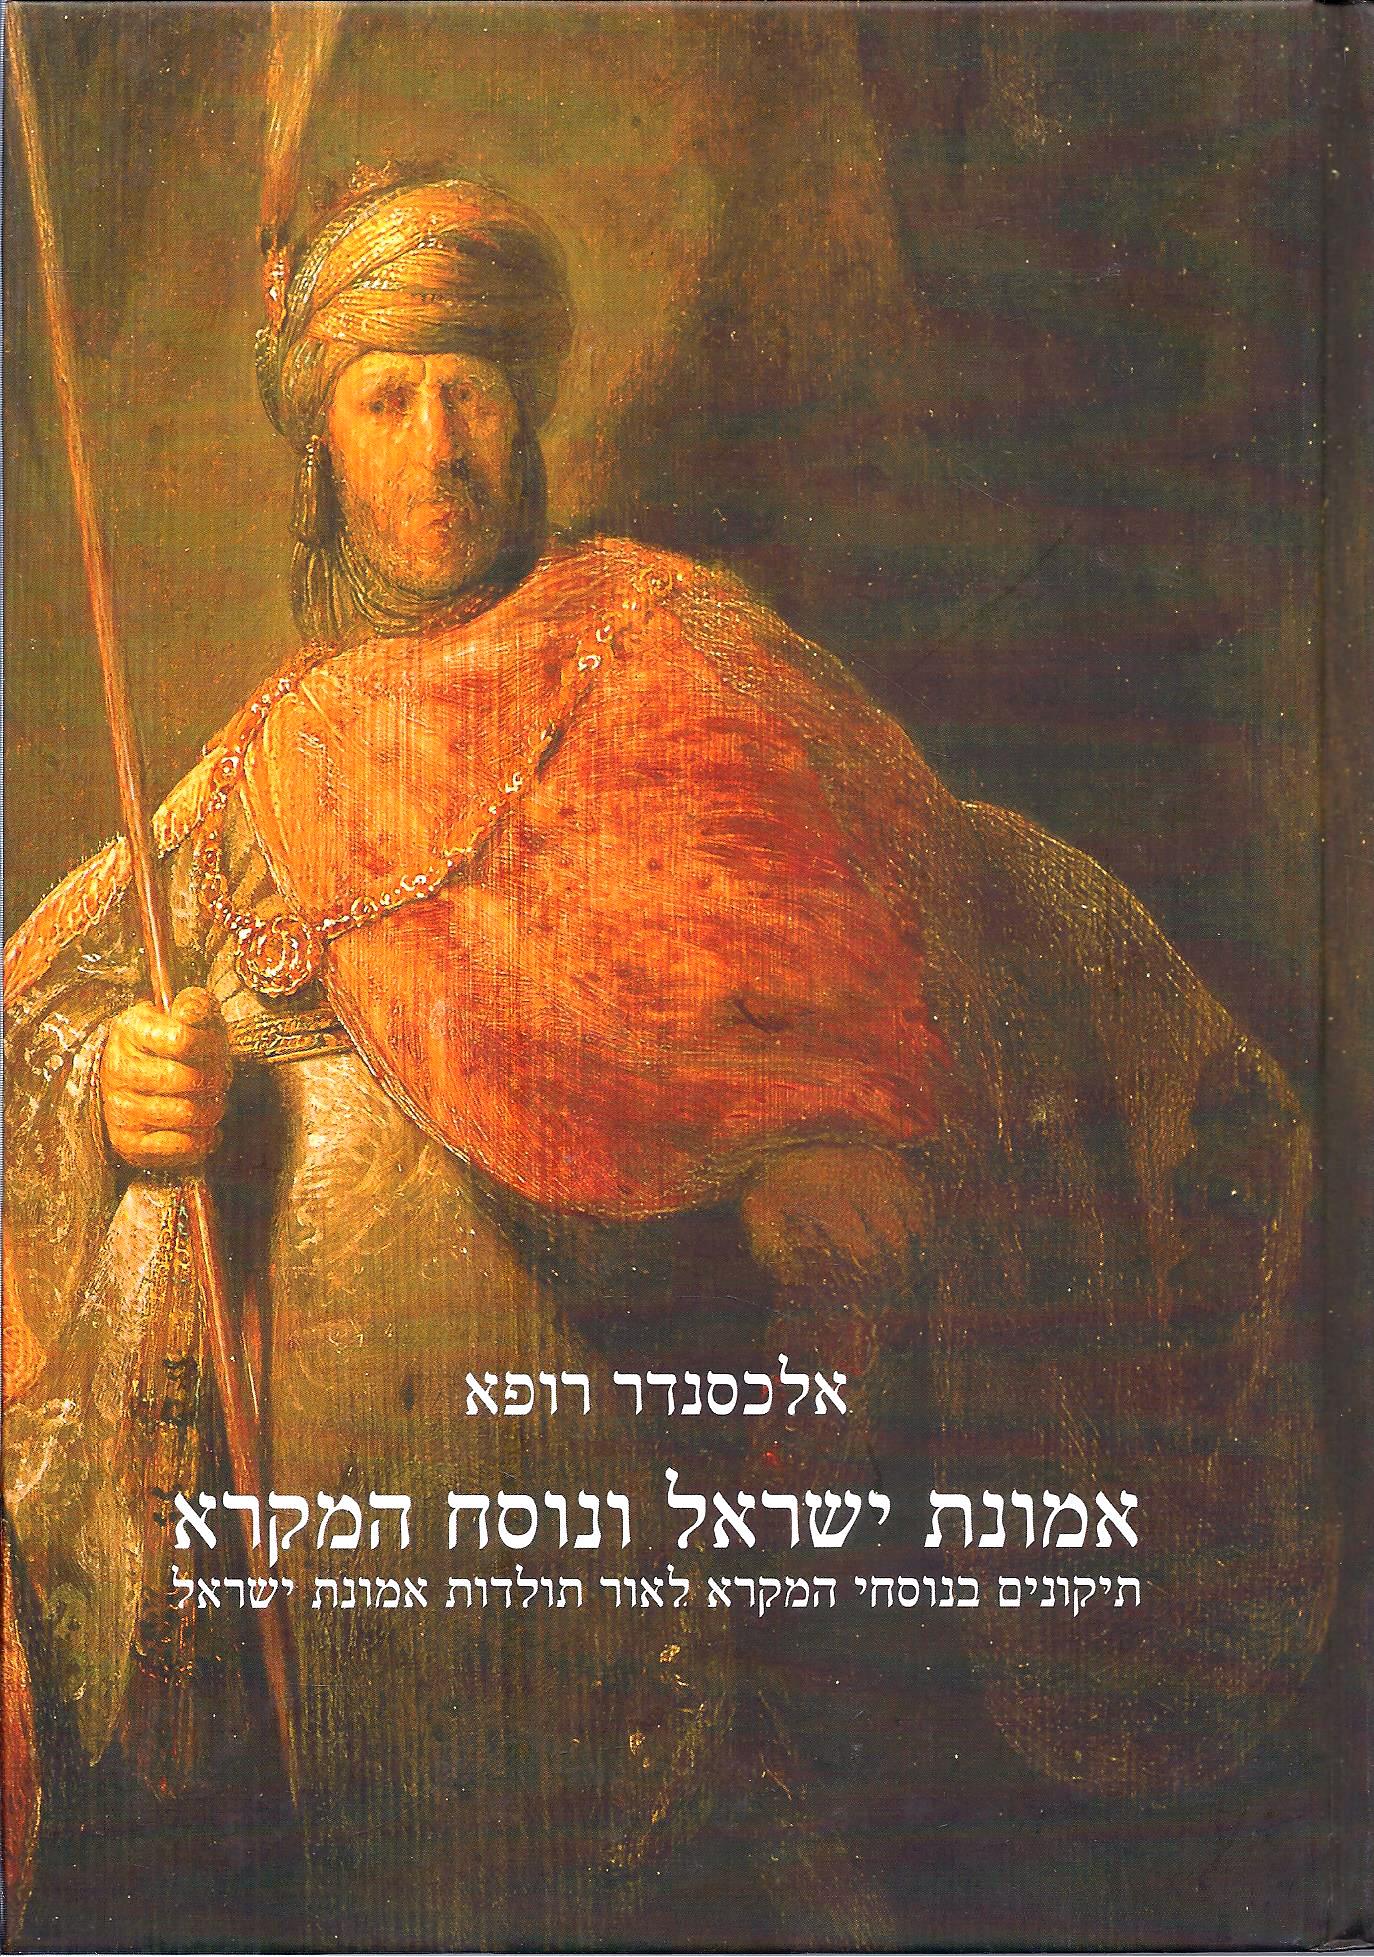 אמונת ישראל ונוסח המקרא : תיקונים בנוסחי המקרא לאור תולדות אמונת ישראל